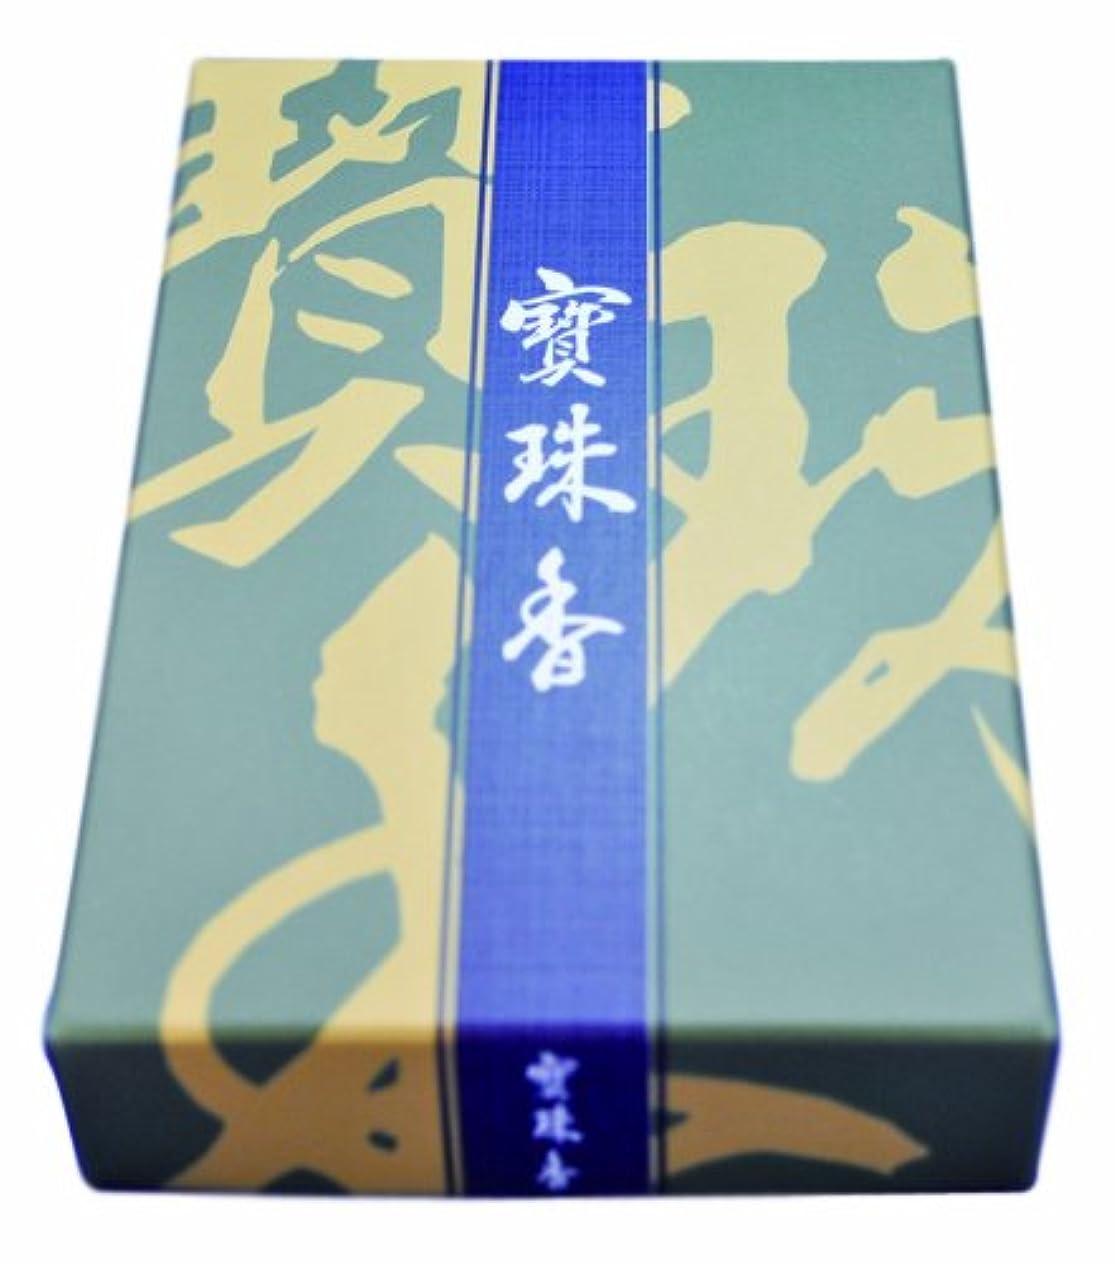 差別的迷路すべきお線香 寳珠香 短寸バラ詰 約42g シャム沈香の香り